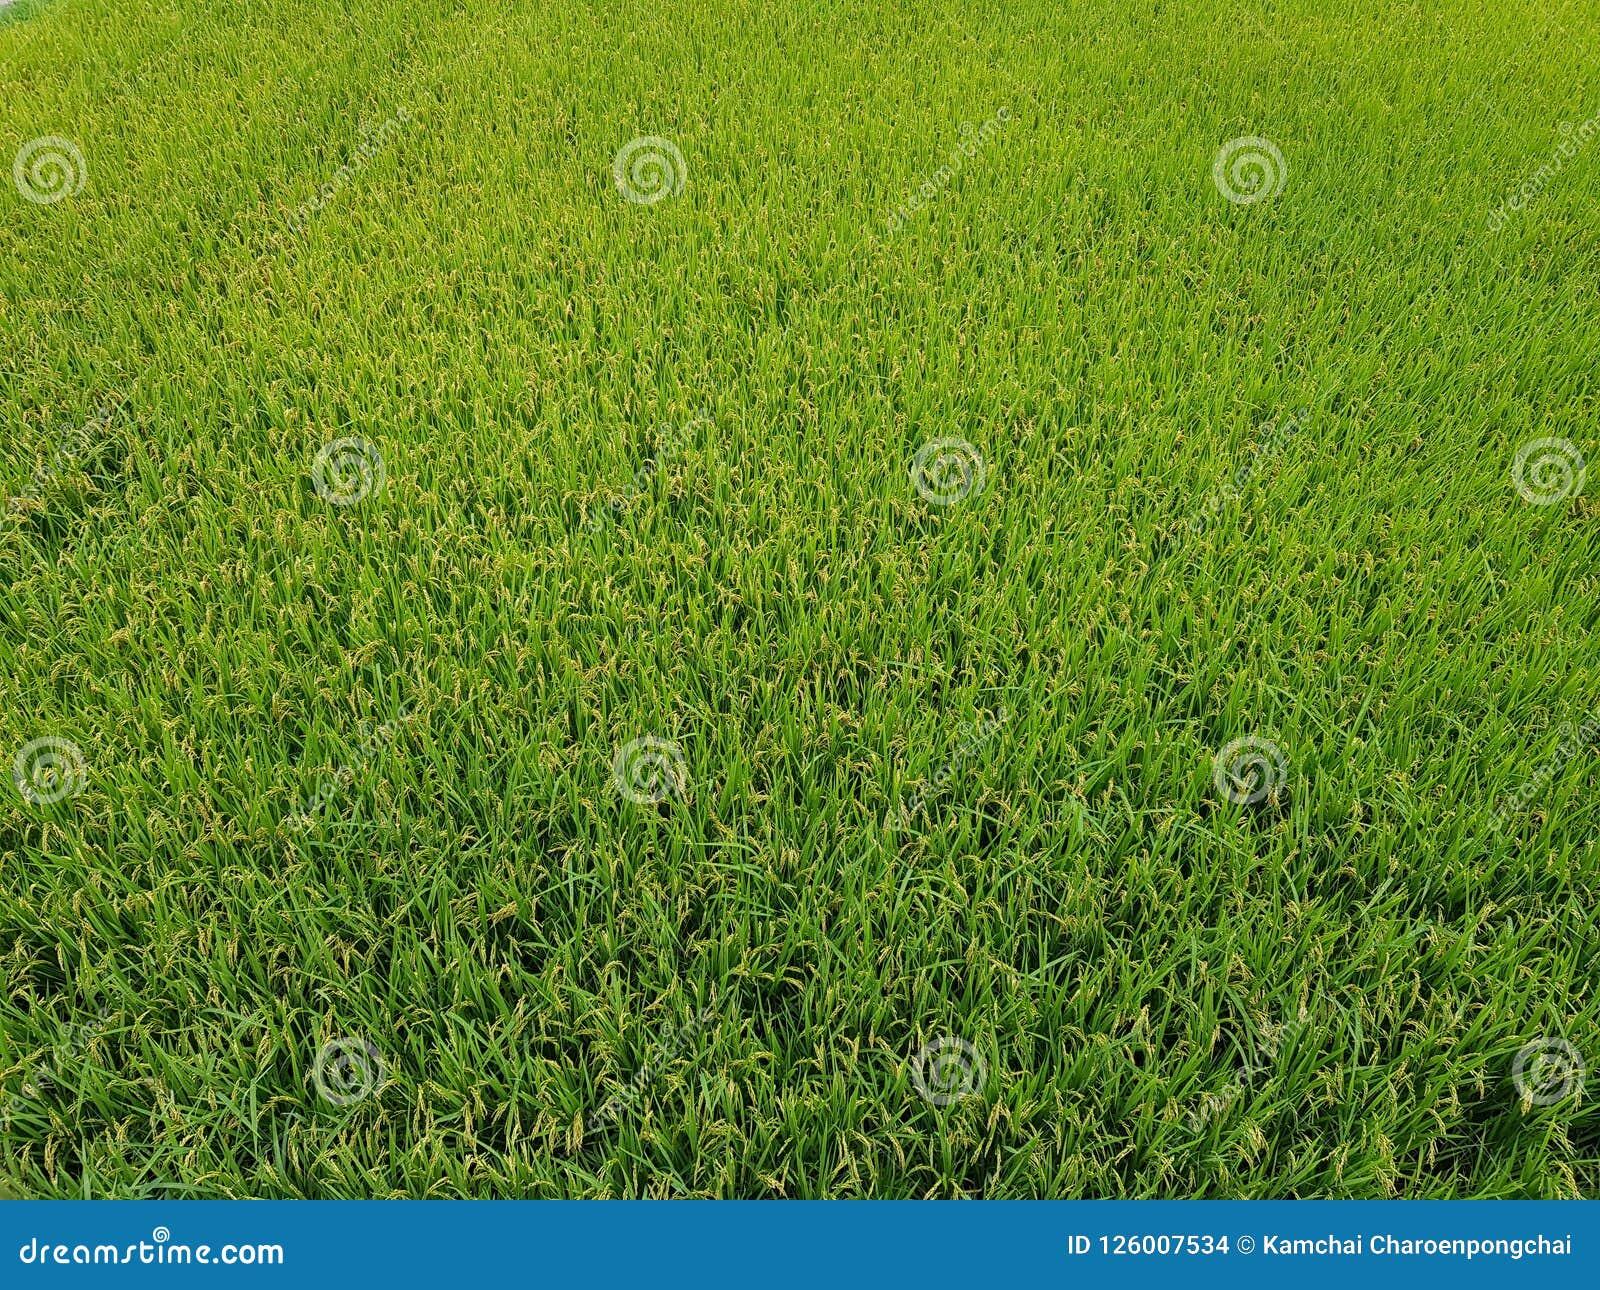 Молодой рис растя в зеленых полях рисовых полей